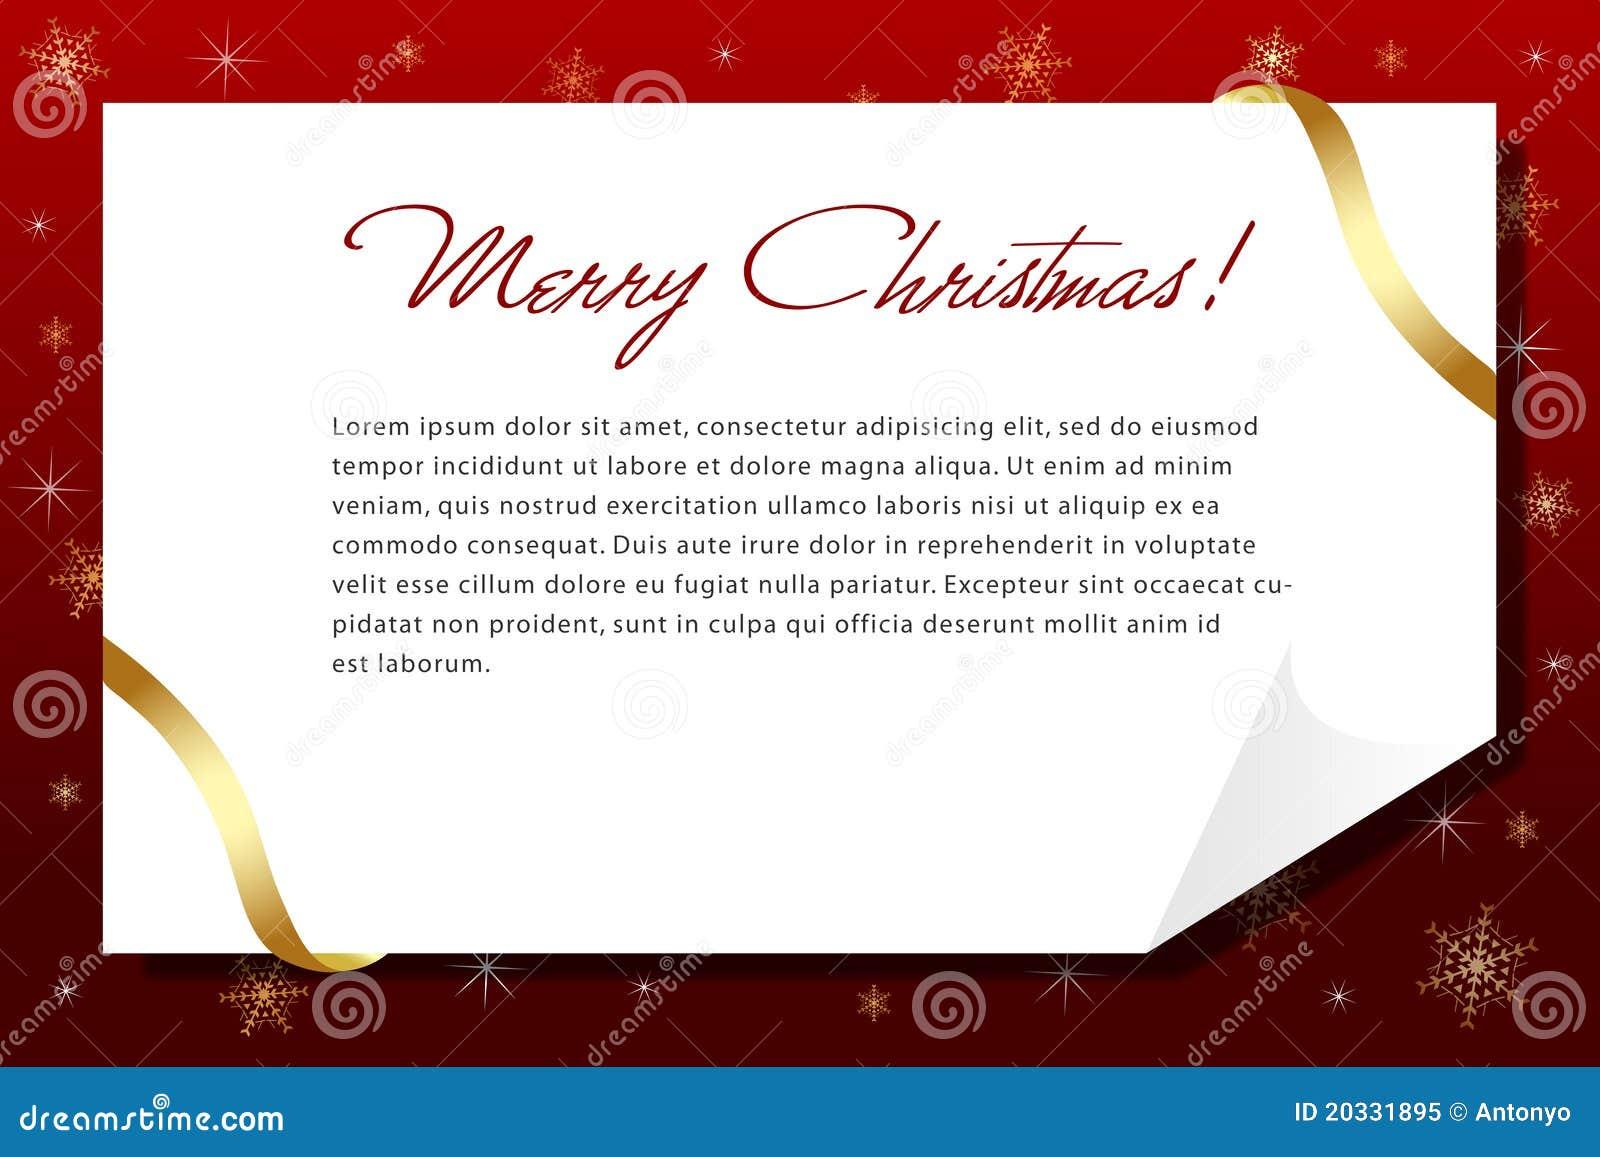 A Christmas letter stock vector. Illustration of elegant   20331895